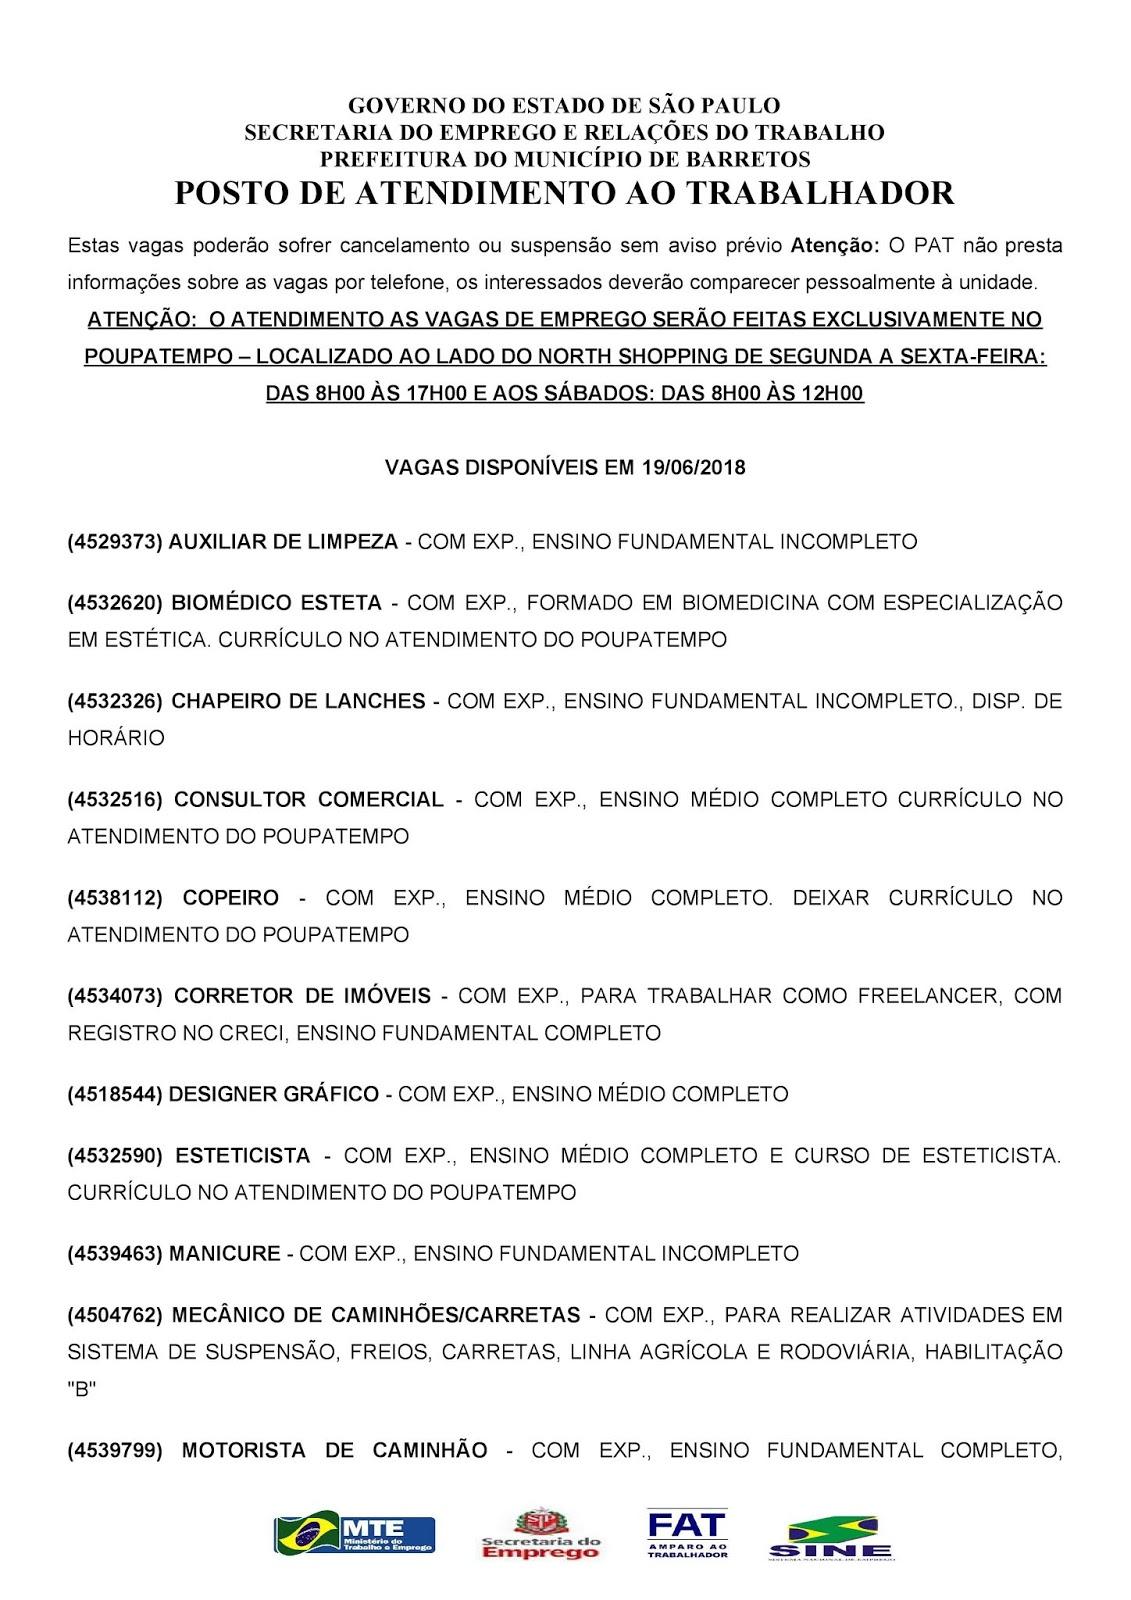 VAGAS DE EMPREGO DO PAT BARRETOS-SP PARA 19/06/2018 TERÇA-FEIRA - PARTE 1